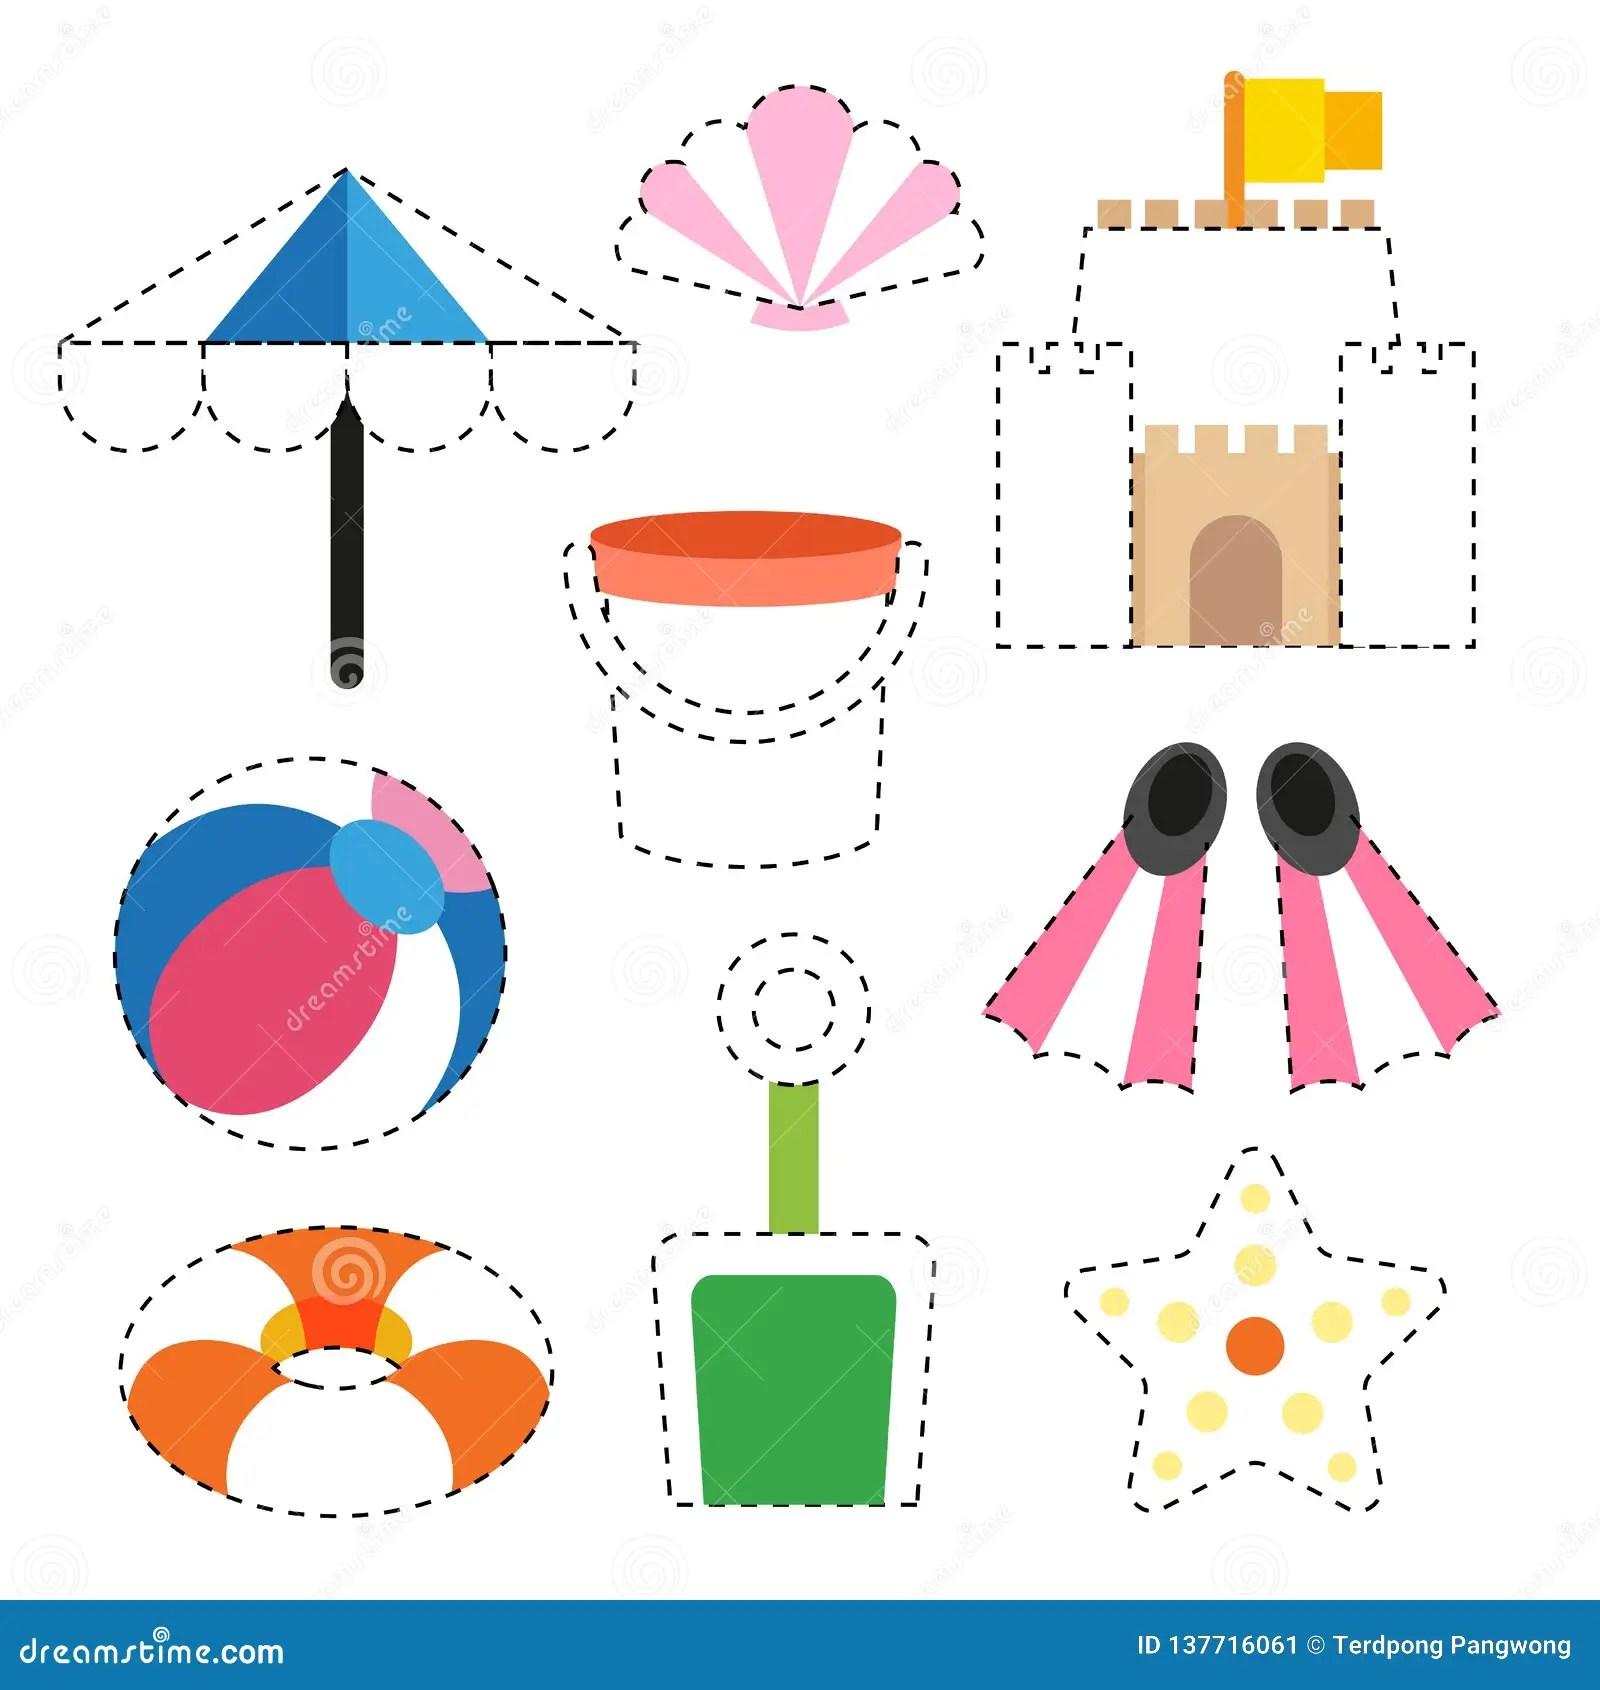 Toy Worksheet Vector Design Stock Vector